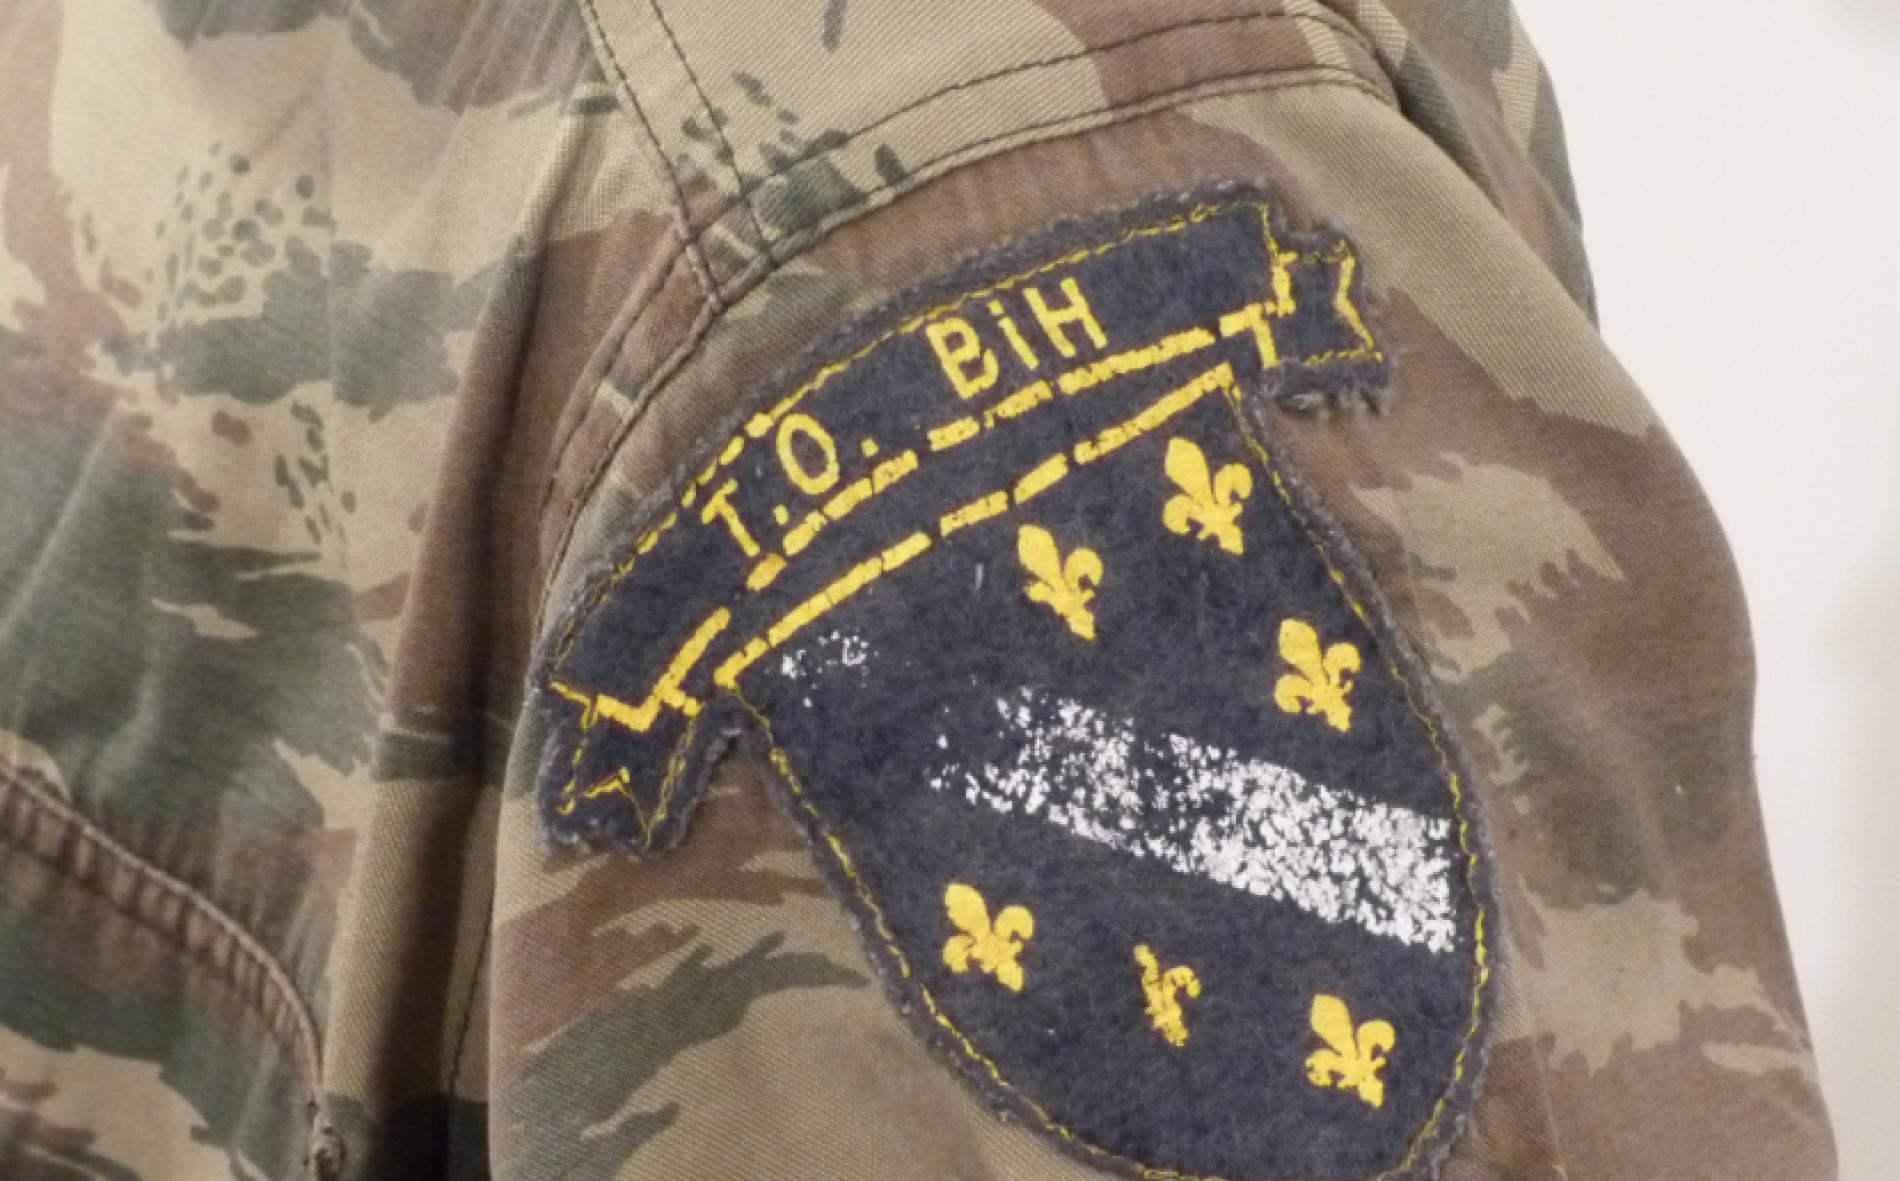 Obilježena godišnjica formiranje Teritorijalne odbrane Republike Bosne i Hercegovine